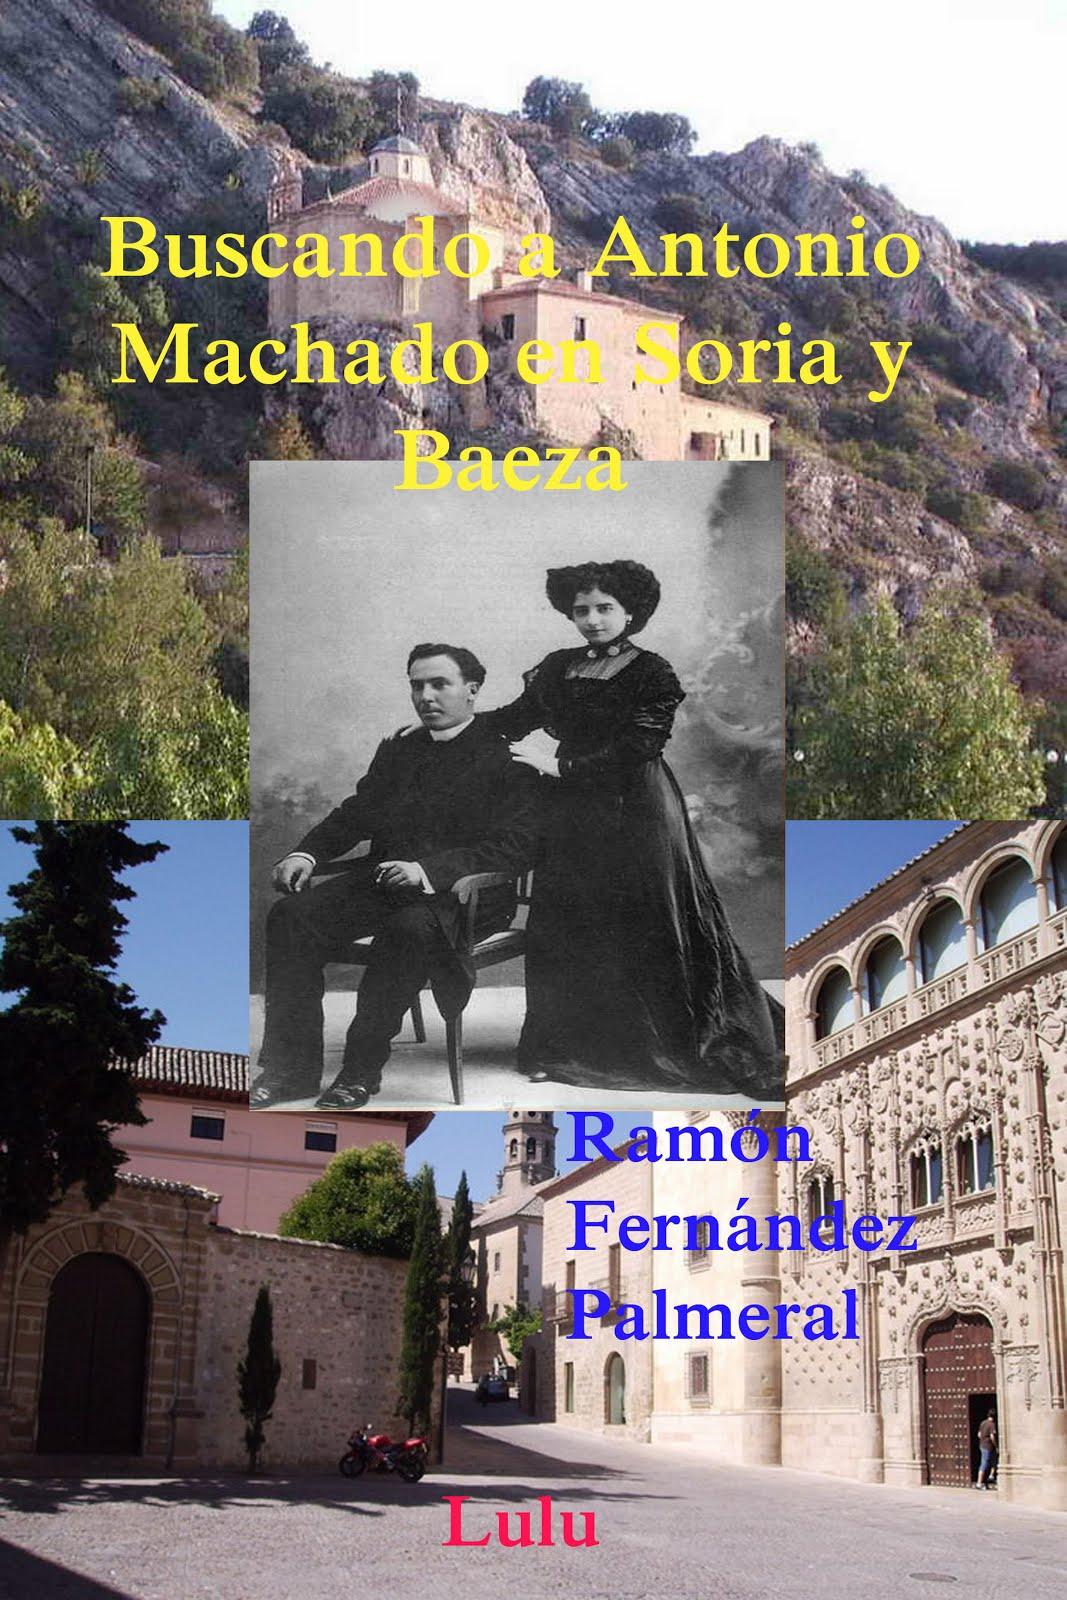 Buscando a Antonio Machado en Soria y Baeza